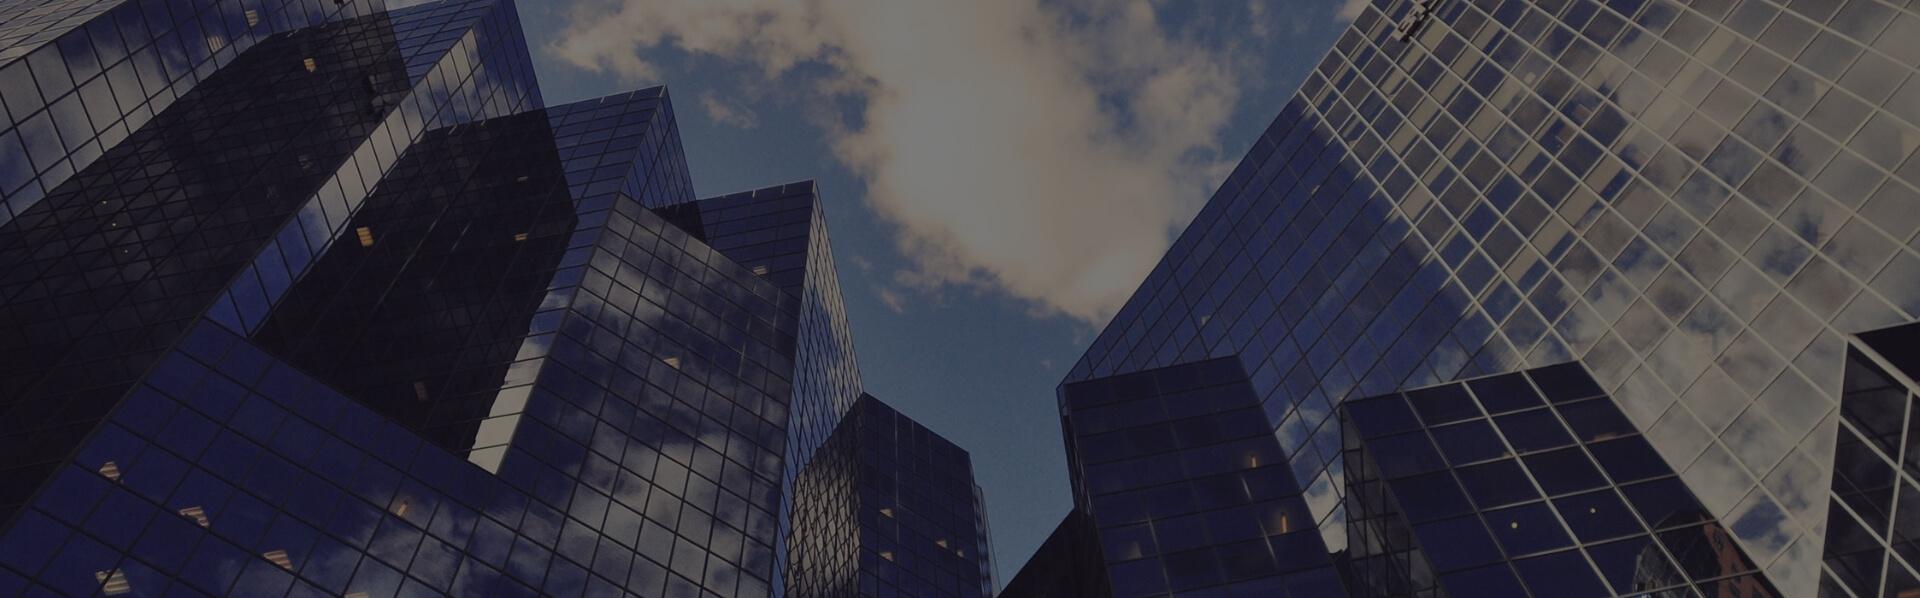 Des consultants en immigration canadiennes réglementées, ou RCICs, sont légalement autorisé des représentants et membres en règle de la Société Canadienne des Consultants en Immigration Conseil (ICCRC).